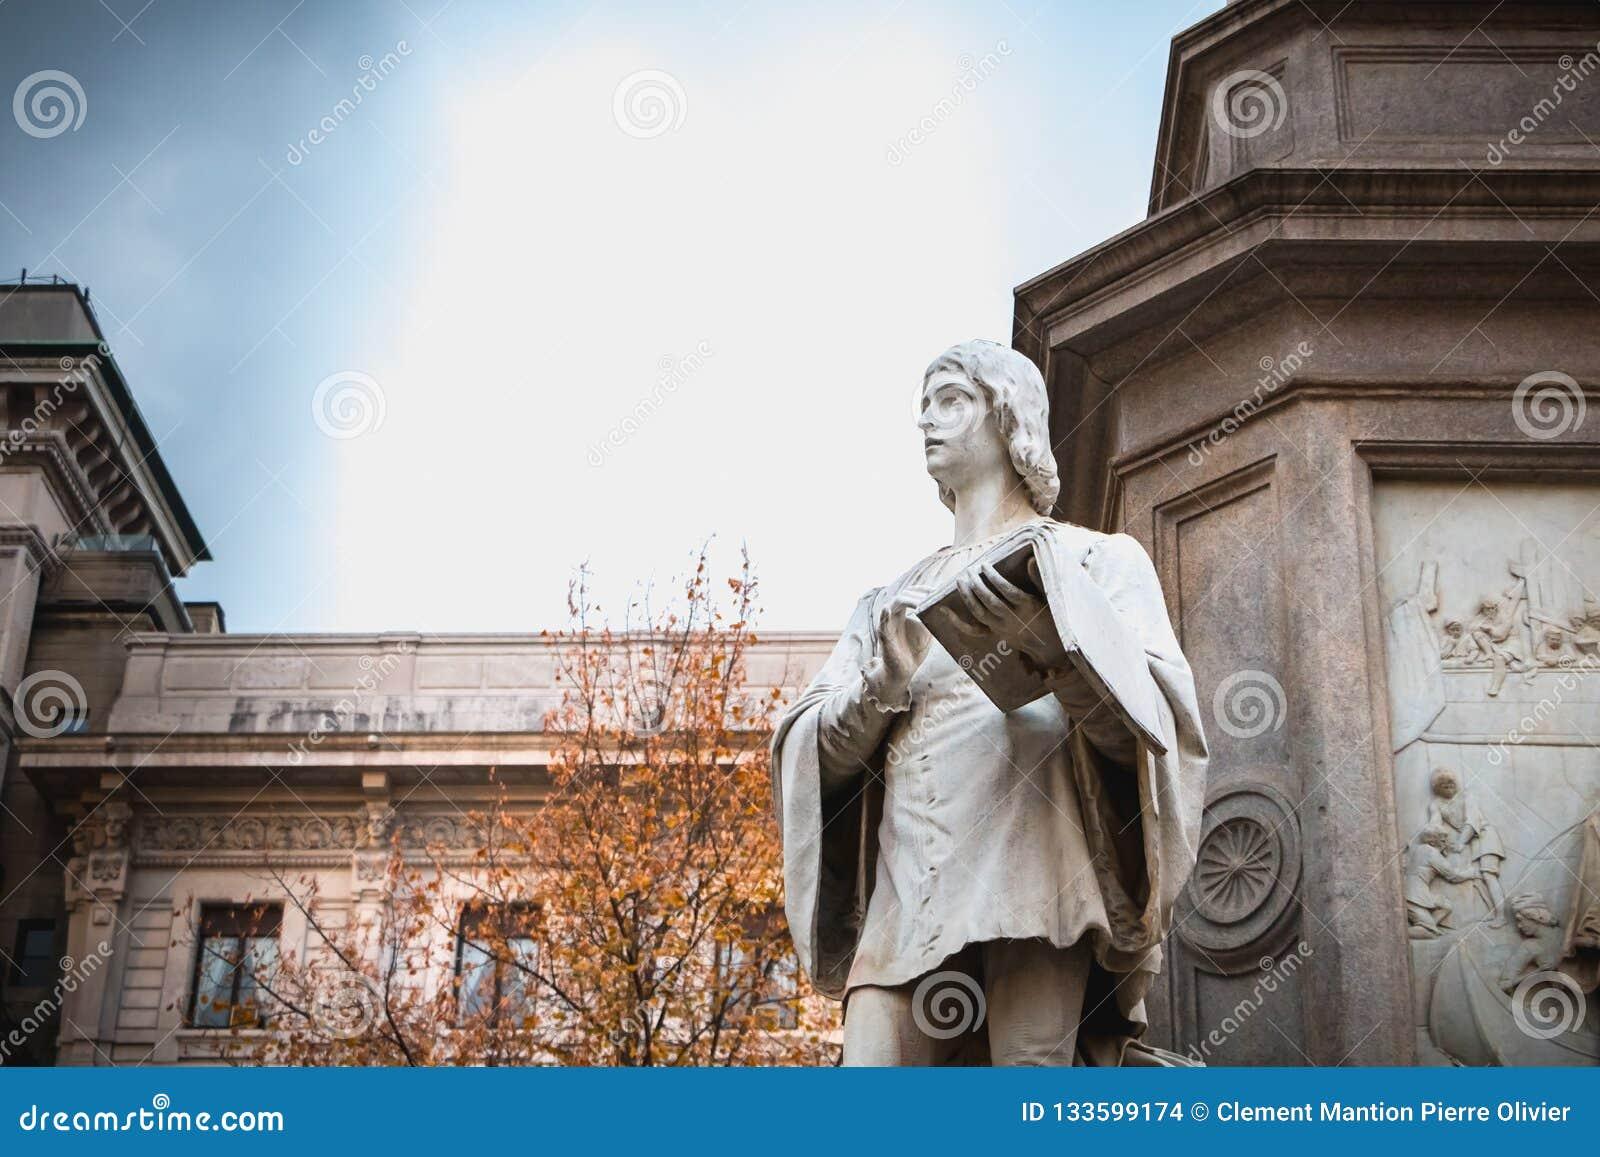 Dettaglio architettonico di una statua alla gloria di Leonardo da Vin